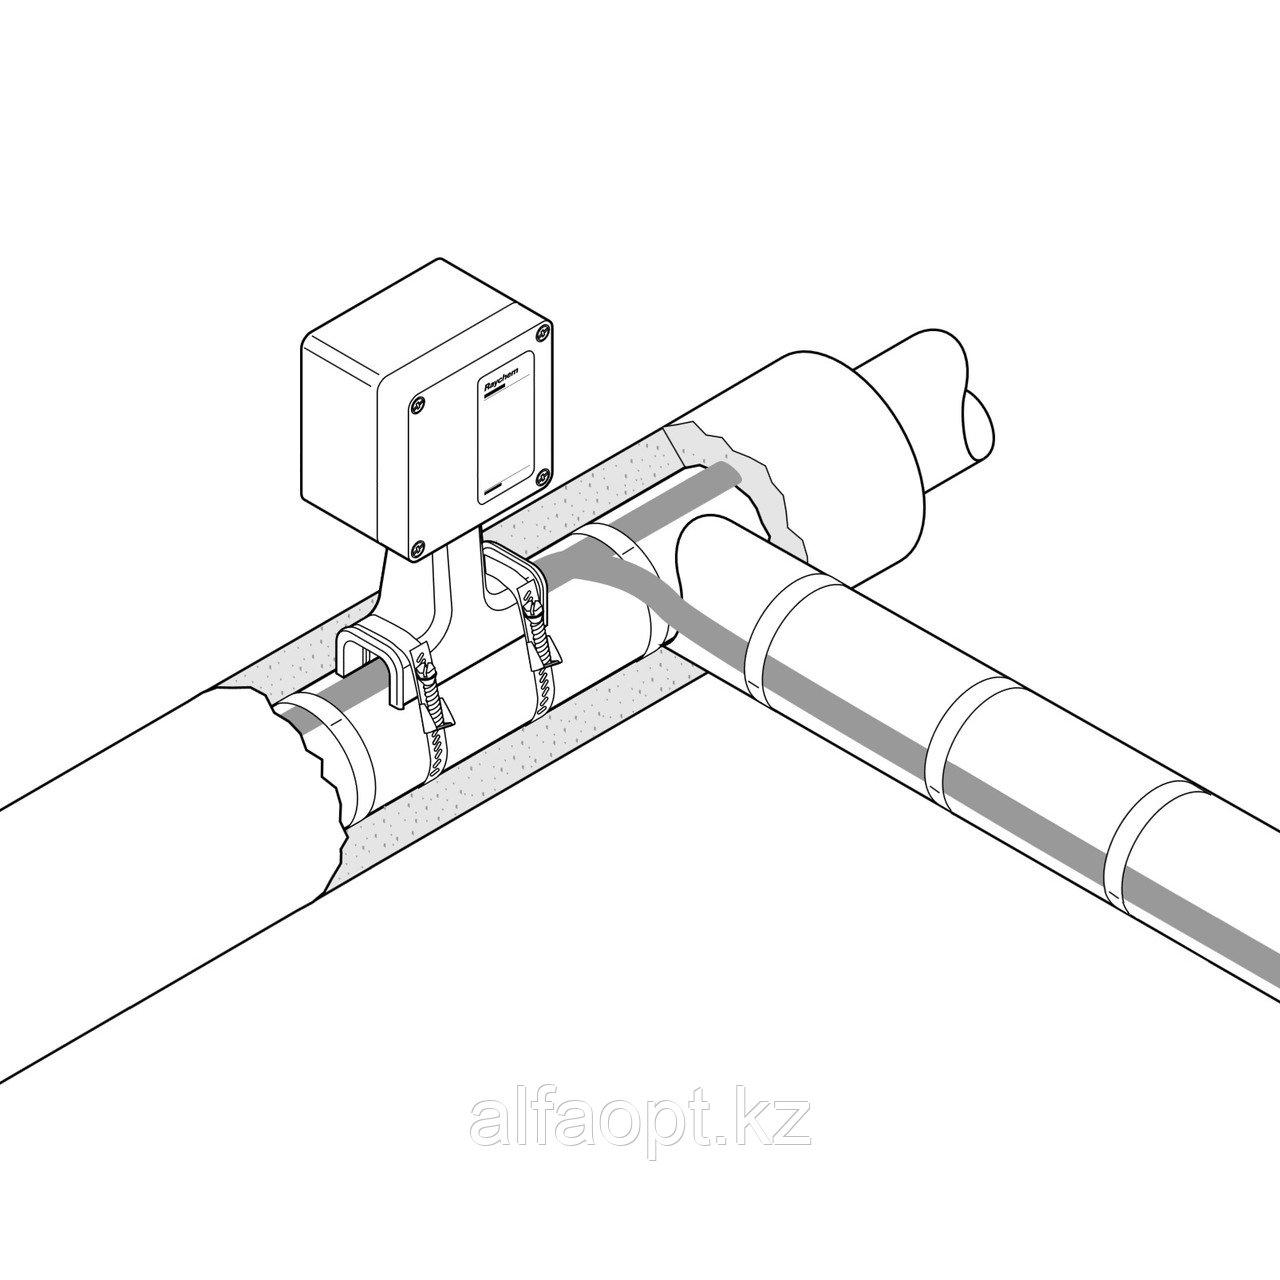 Набор для Т-разветвления греющего кабеля T-100 (Eex e)